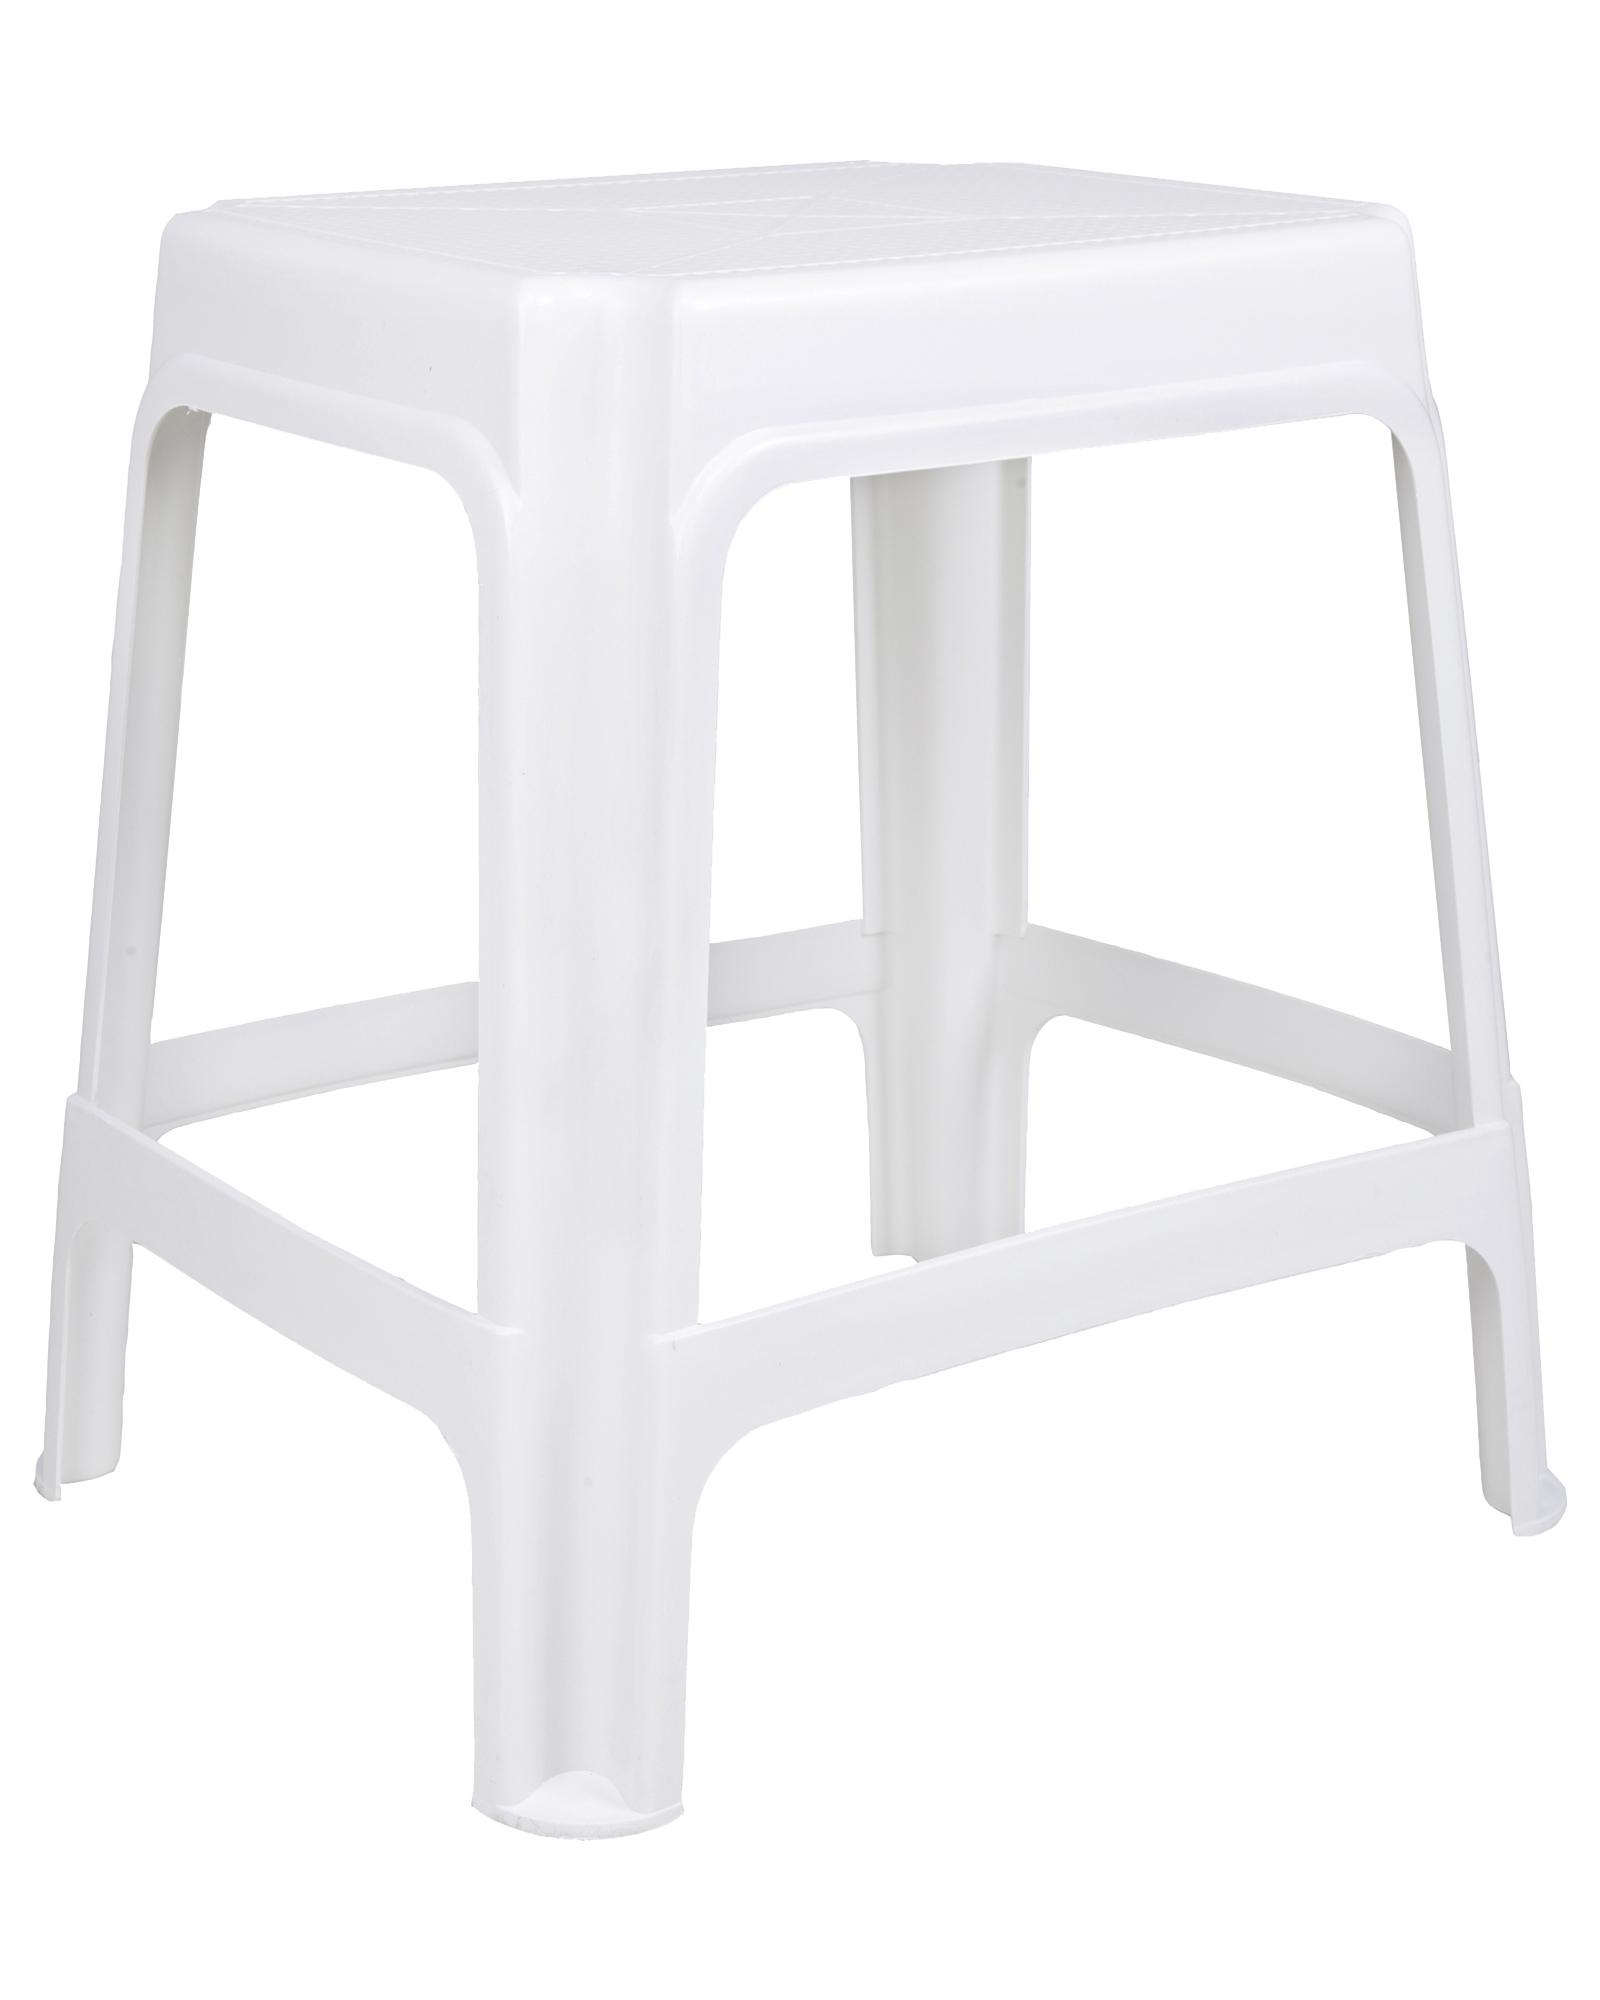 hocker sitzhocker badhocker gartenhocker kunststoffhocker stapelbar wei ebay. Black Bedroom Furniture Sets. Home Design Ideas